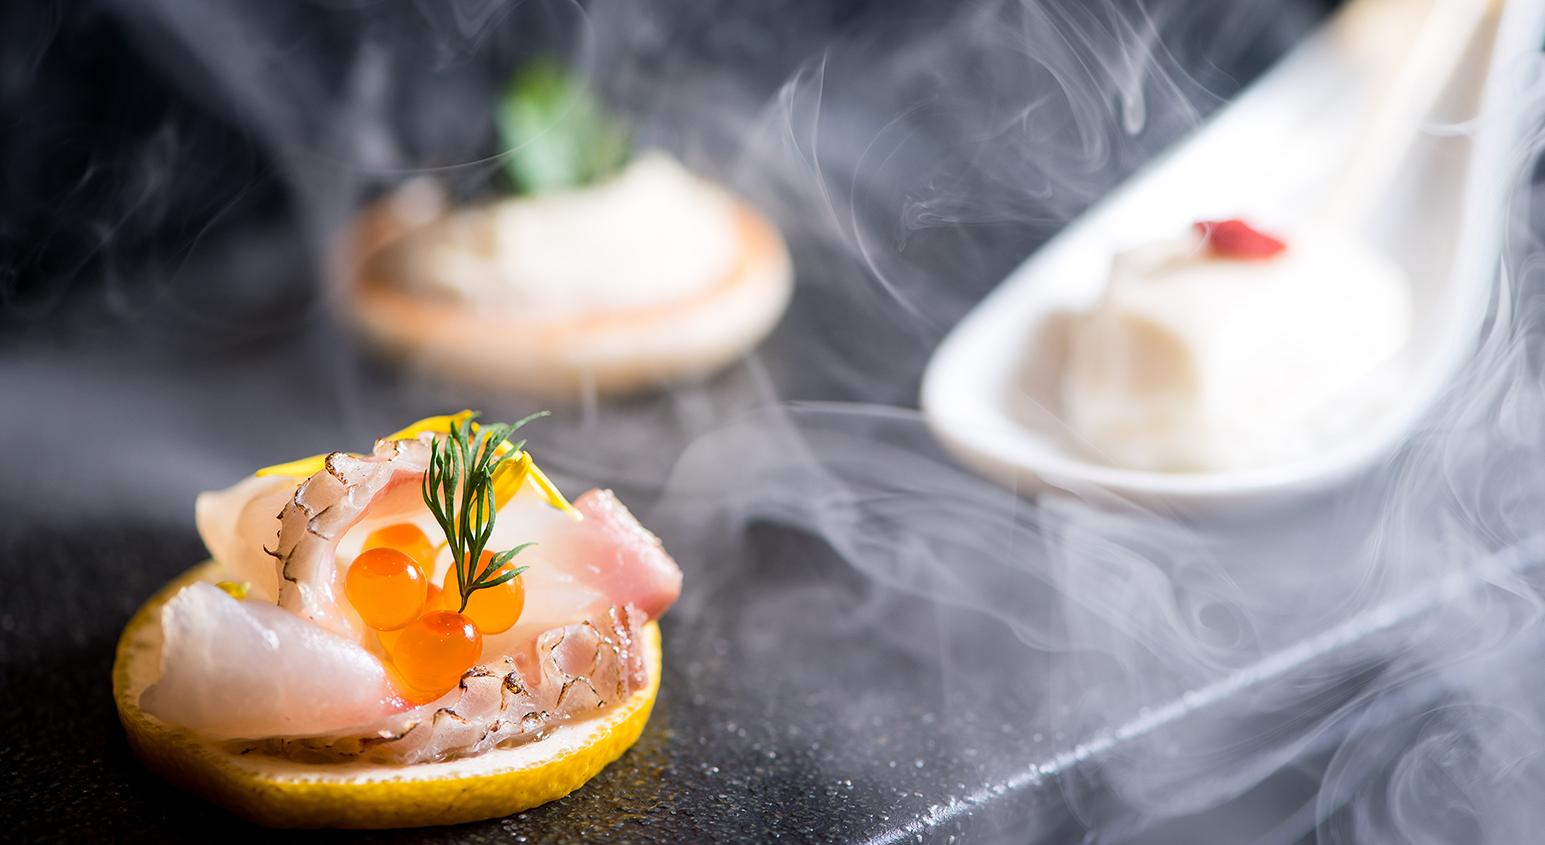 3種のアミューズ 桜燻煙風味 | 愛媛県松山市の結婚式場ベルフォーレ松山